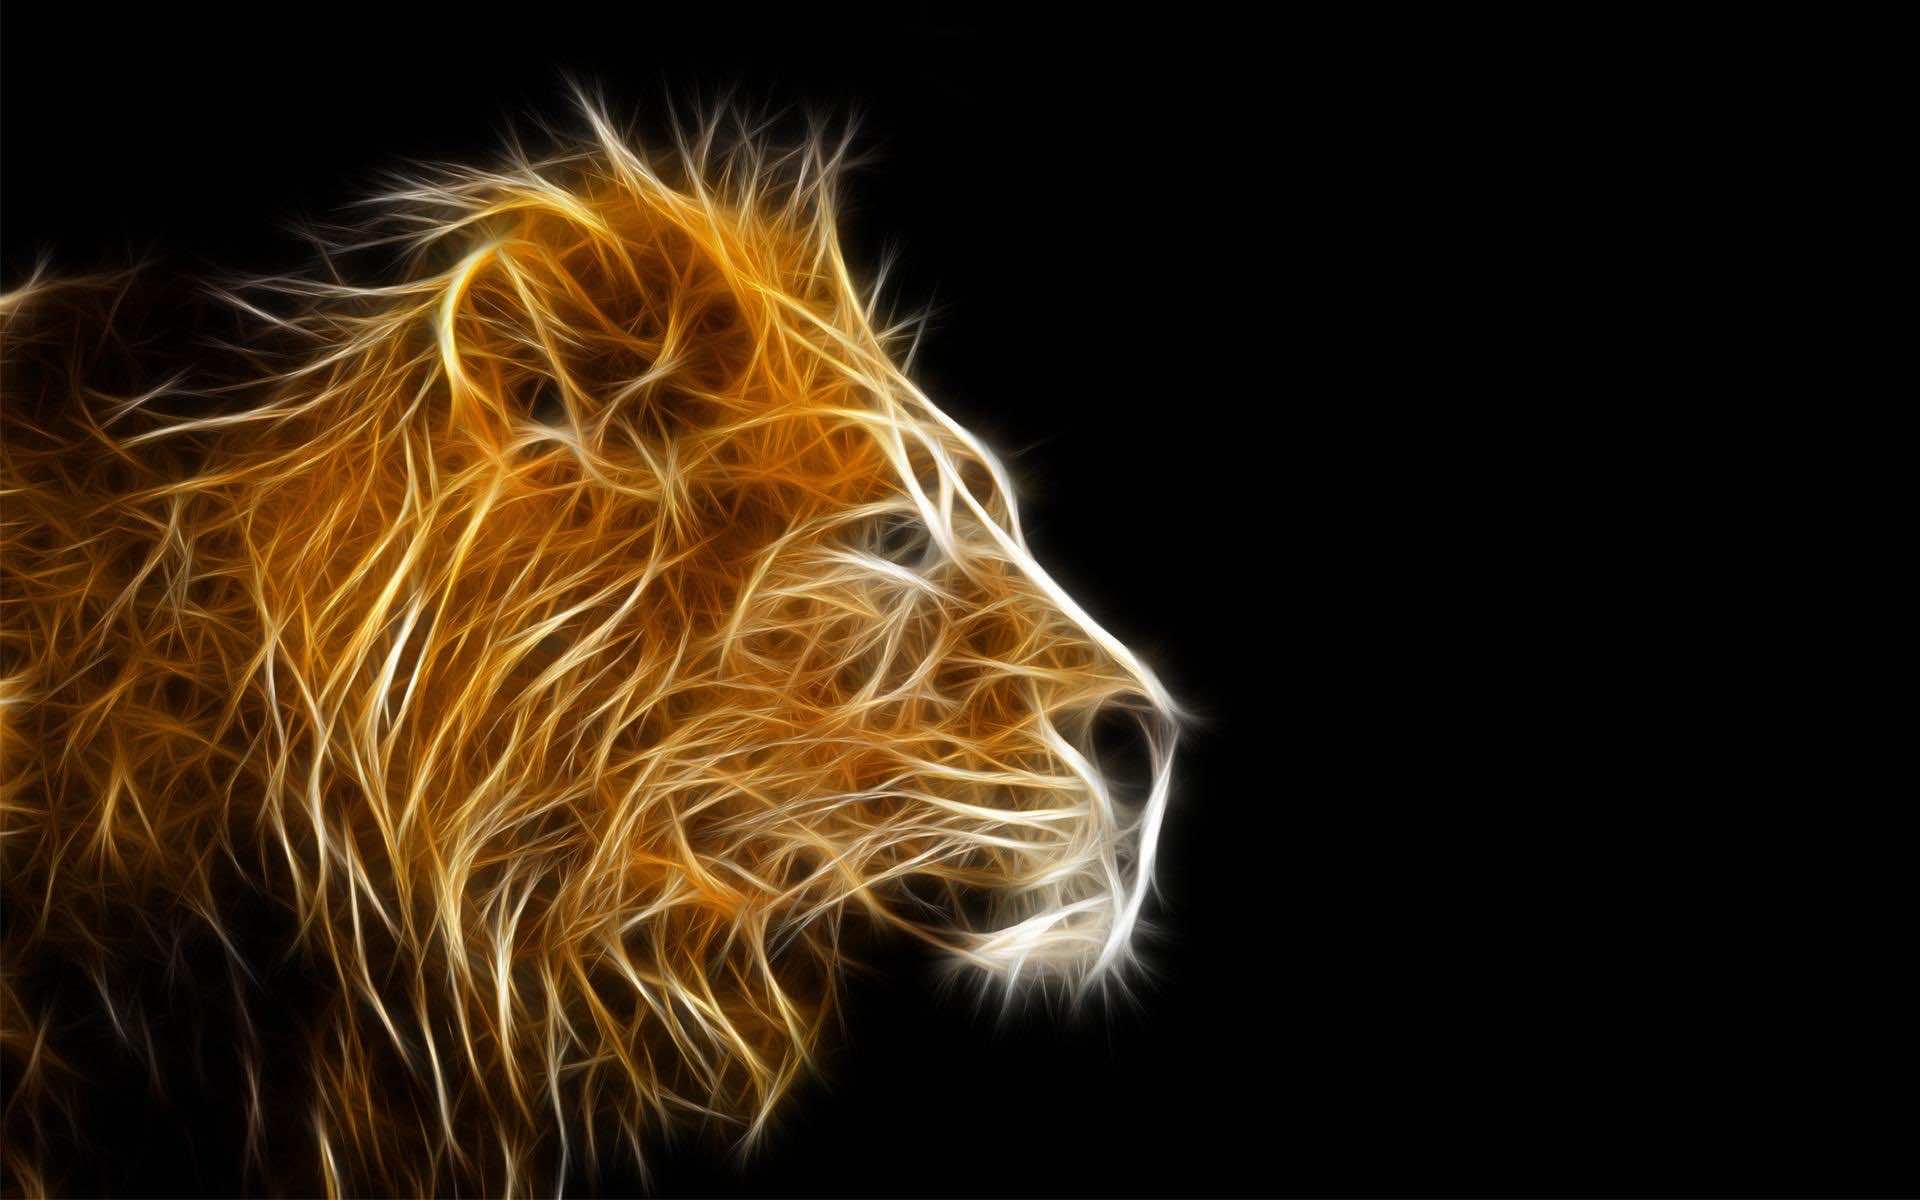 Over 50 3D Wallpaper Images For Free Desktop Download